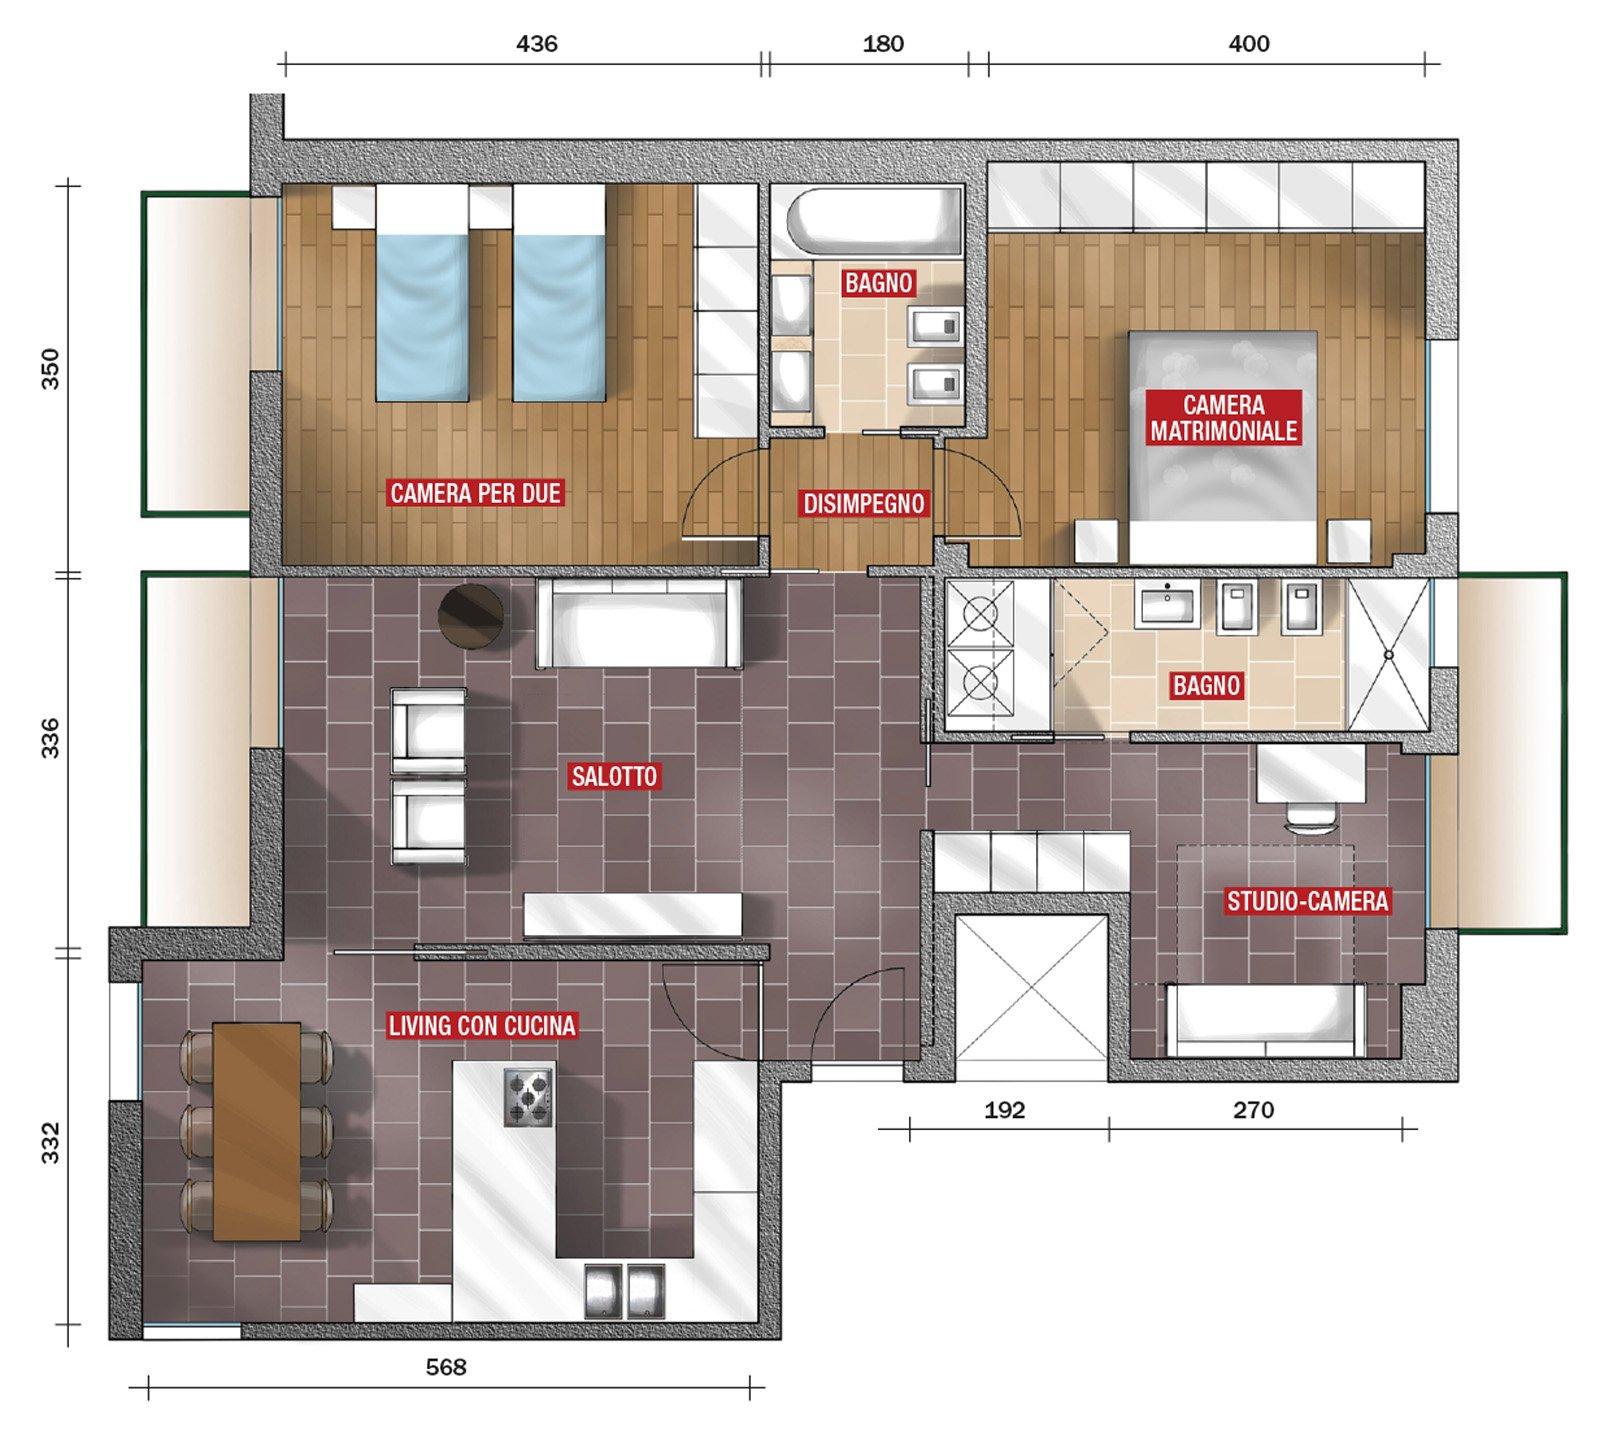 Casa immobiliare accessori progetto casa 90 mq - Progetto casa 80 mq ...